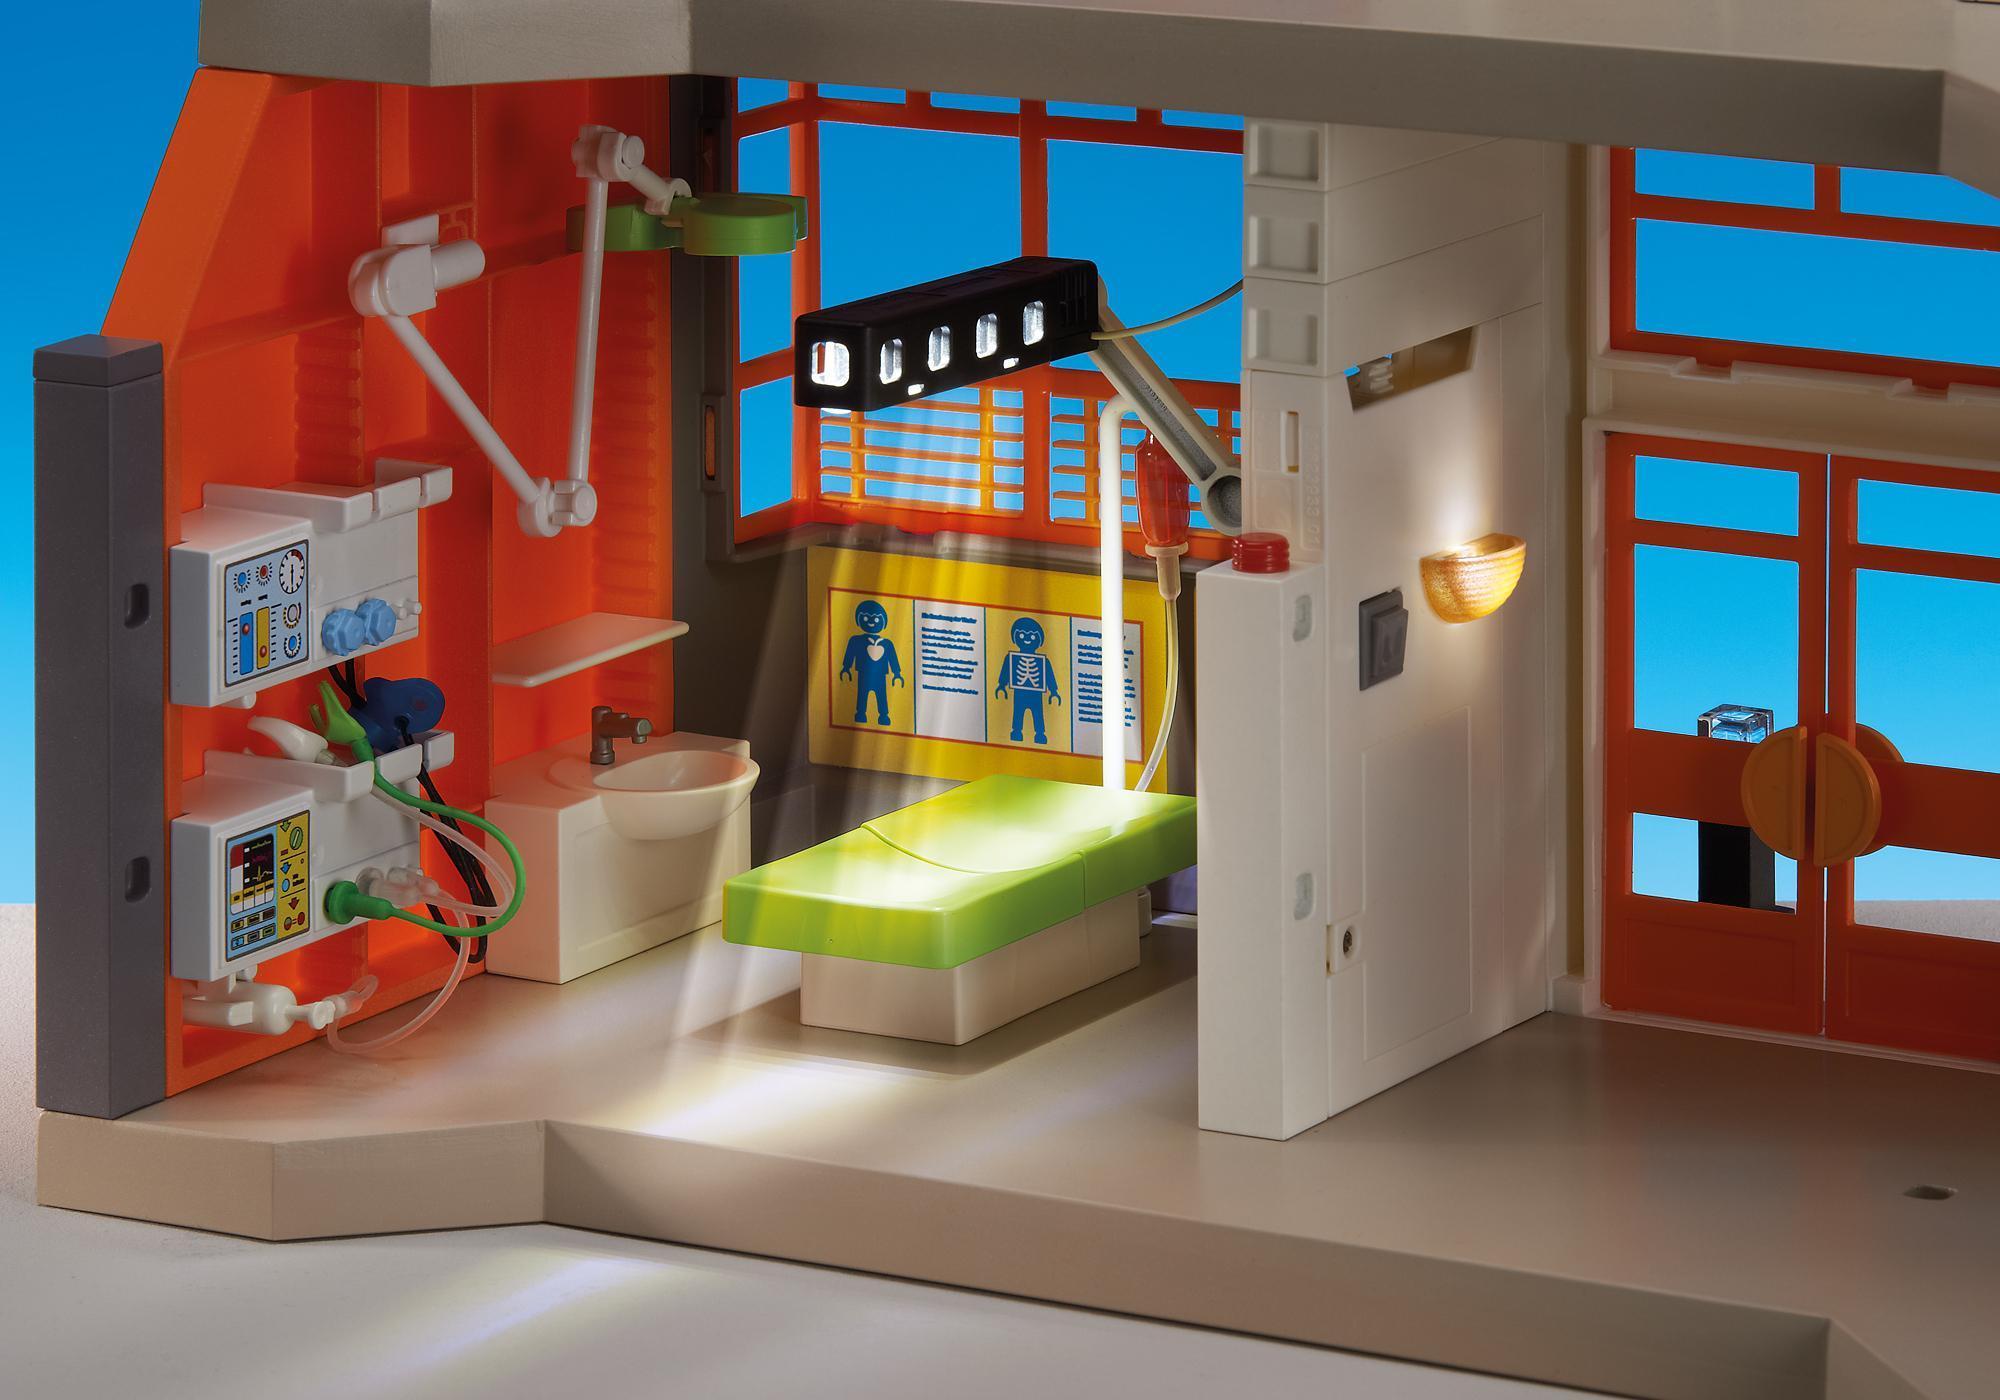 http://media.playmobil.com/i/playmobil/6446_product_extra1/Set de Iluminação para Hospital Pediátrico